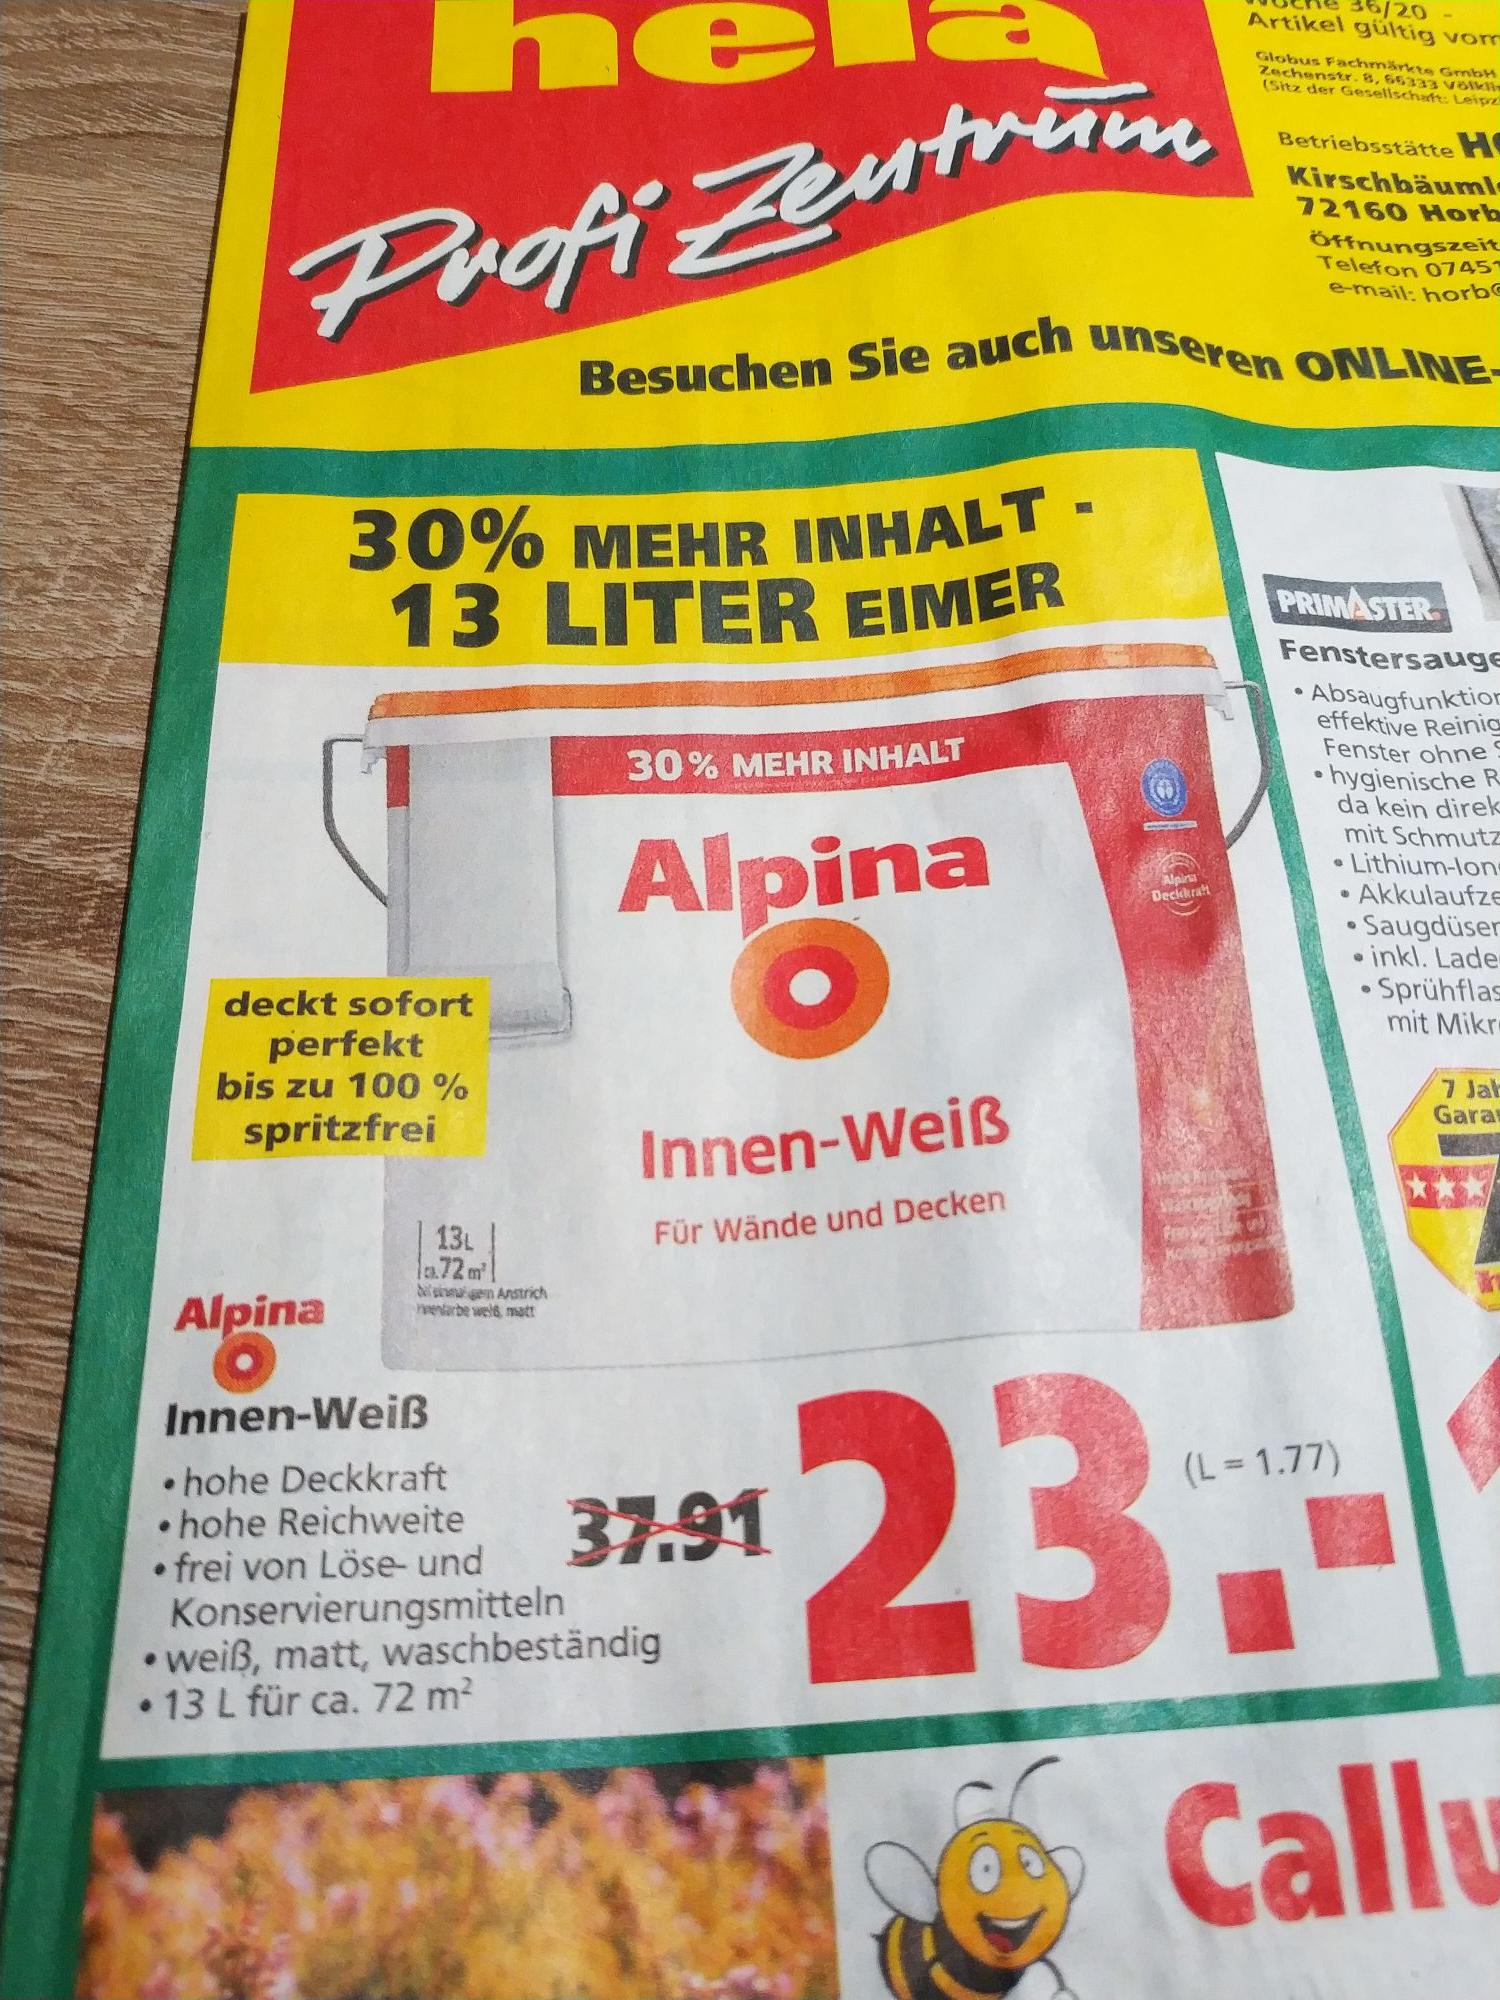 [Lokal Horb am Neckar] Alpina Innen-Weiß 13 Liter Eimer